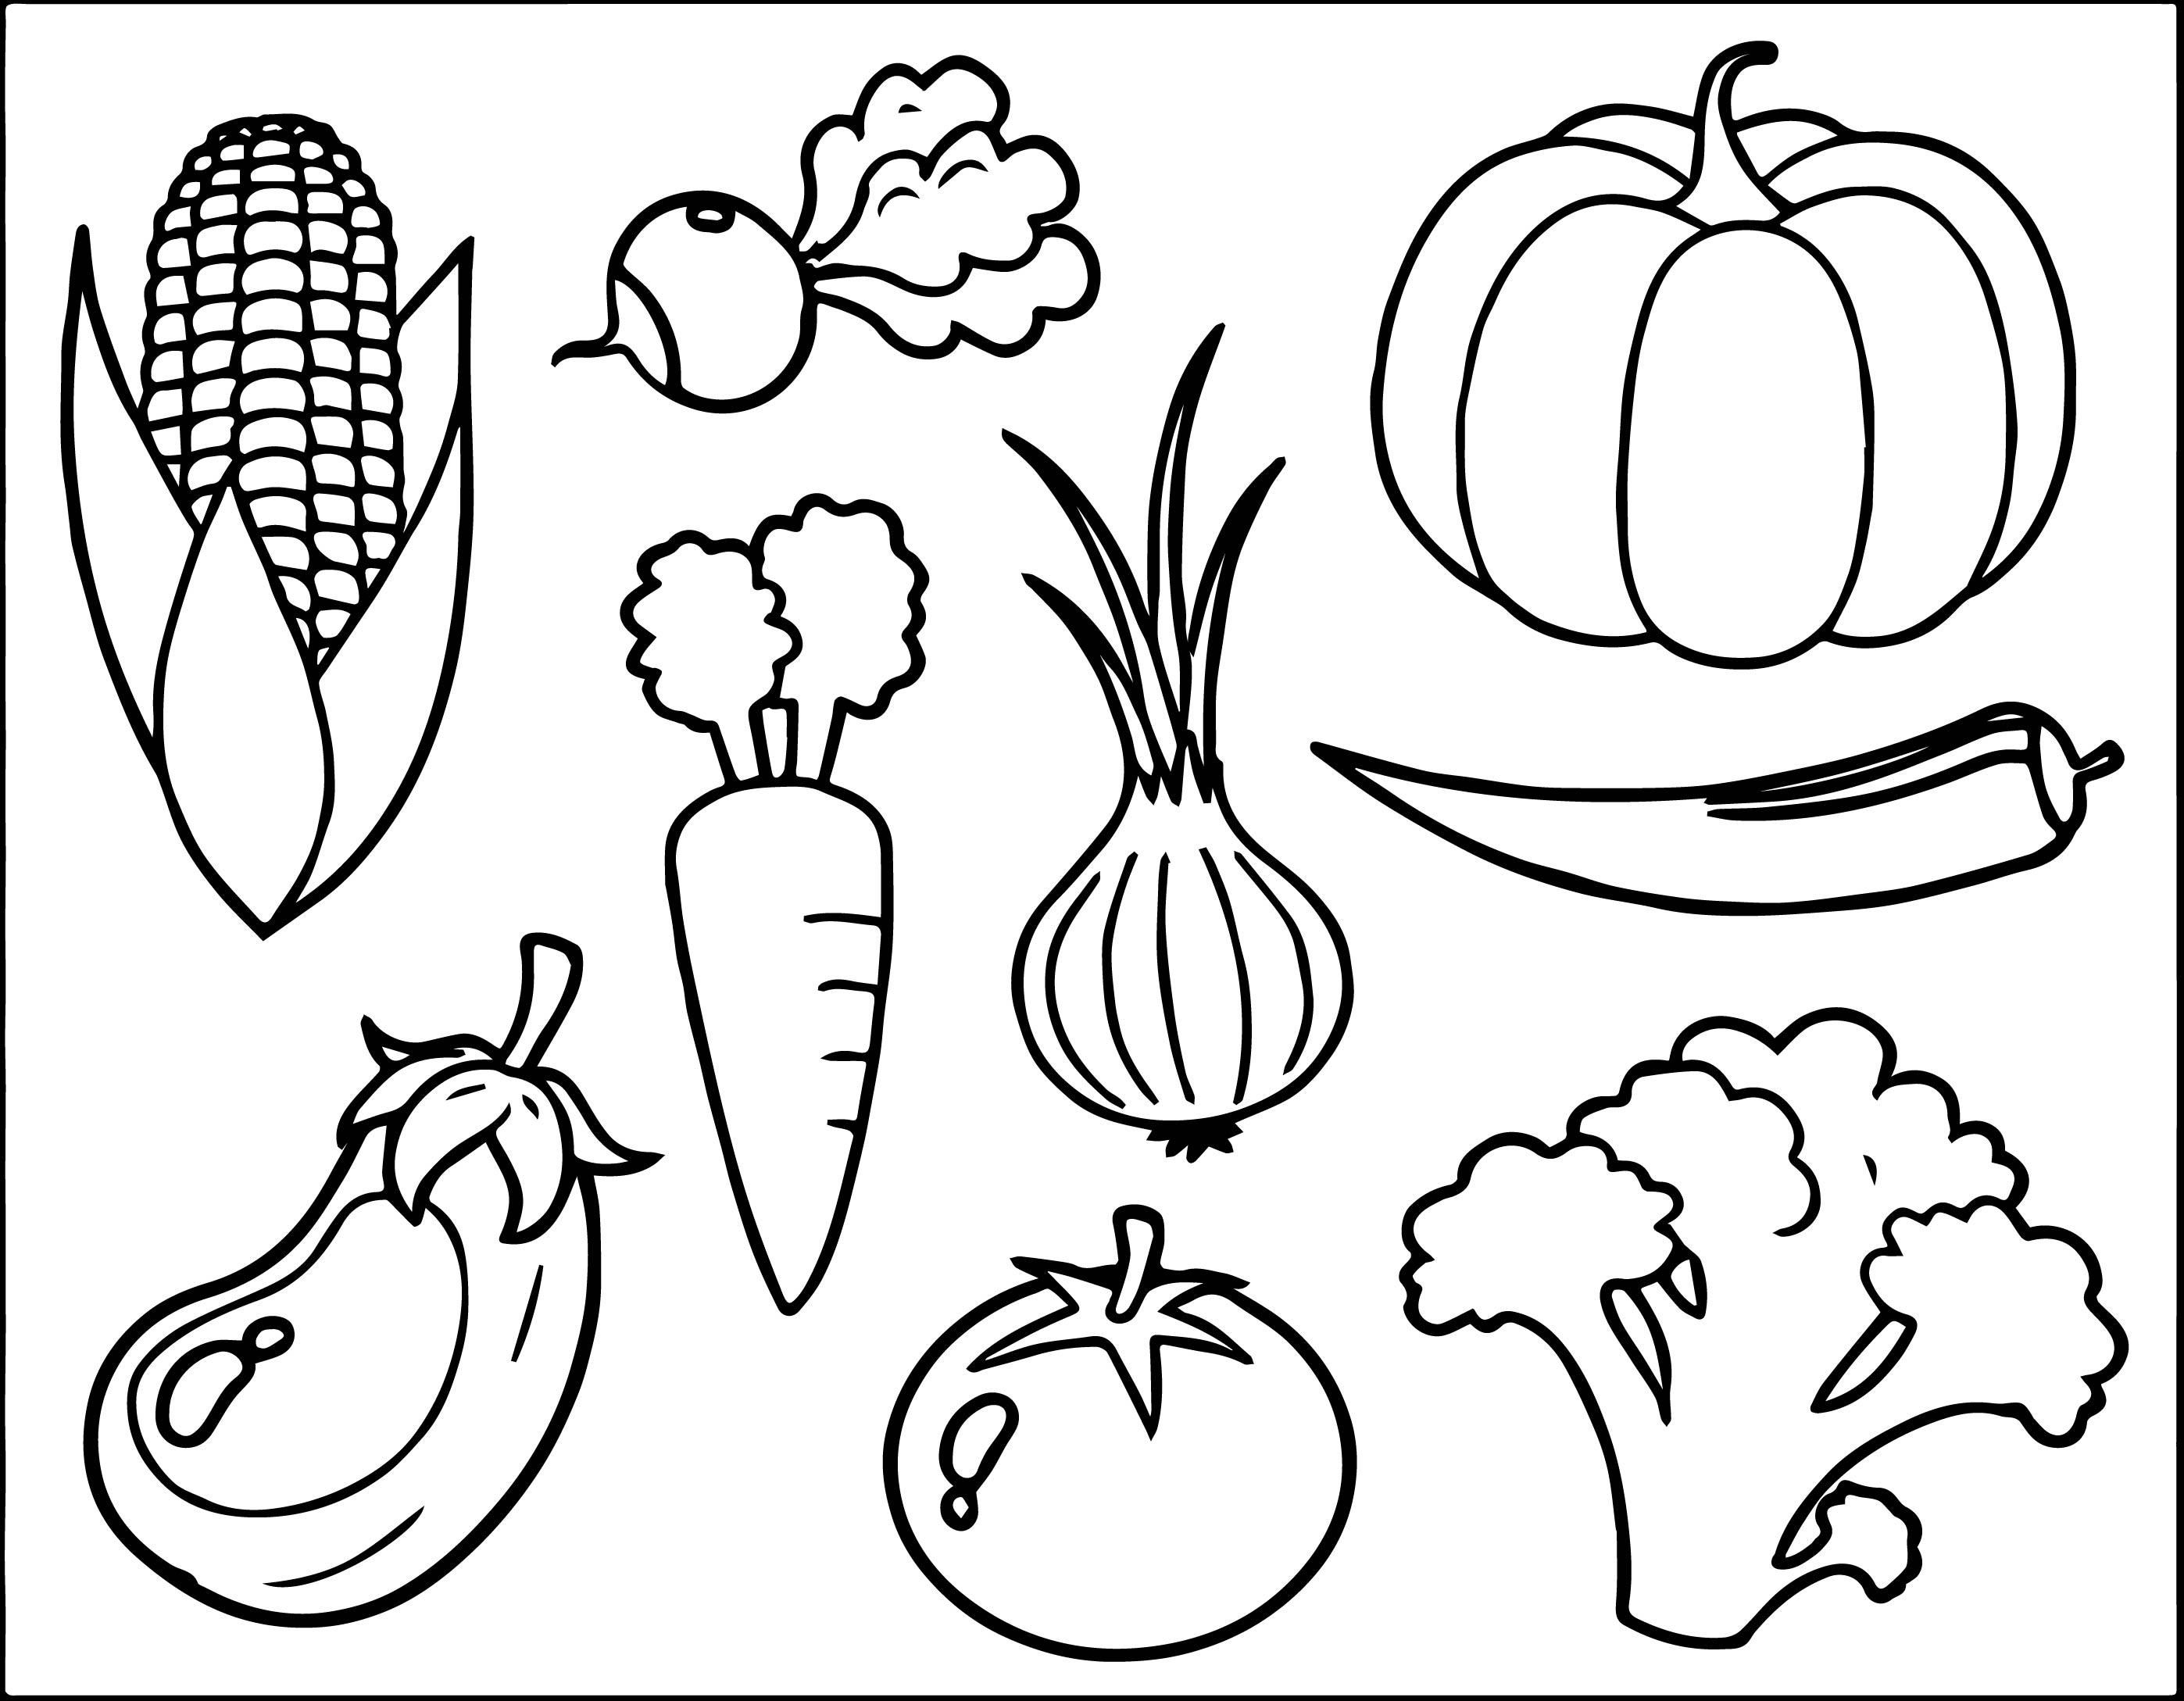 Tranh tô màu cho bé hình các loại hoa quả